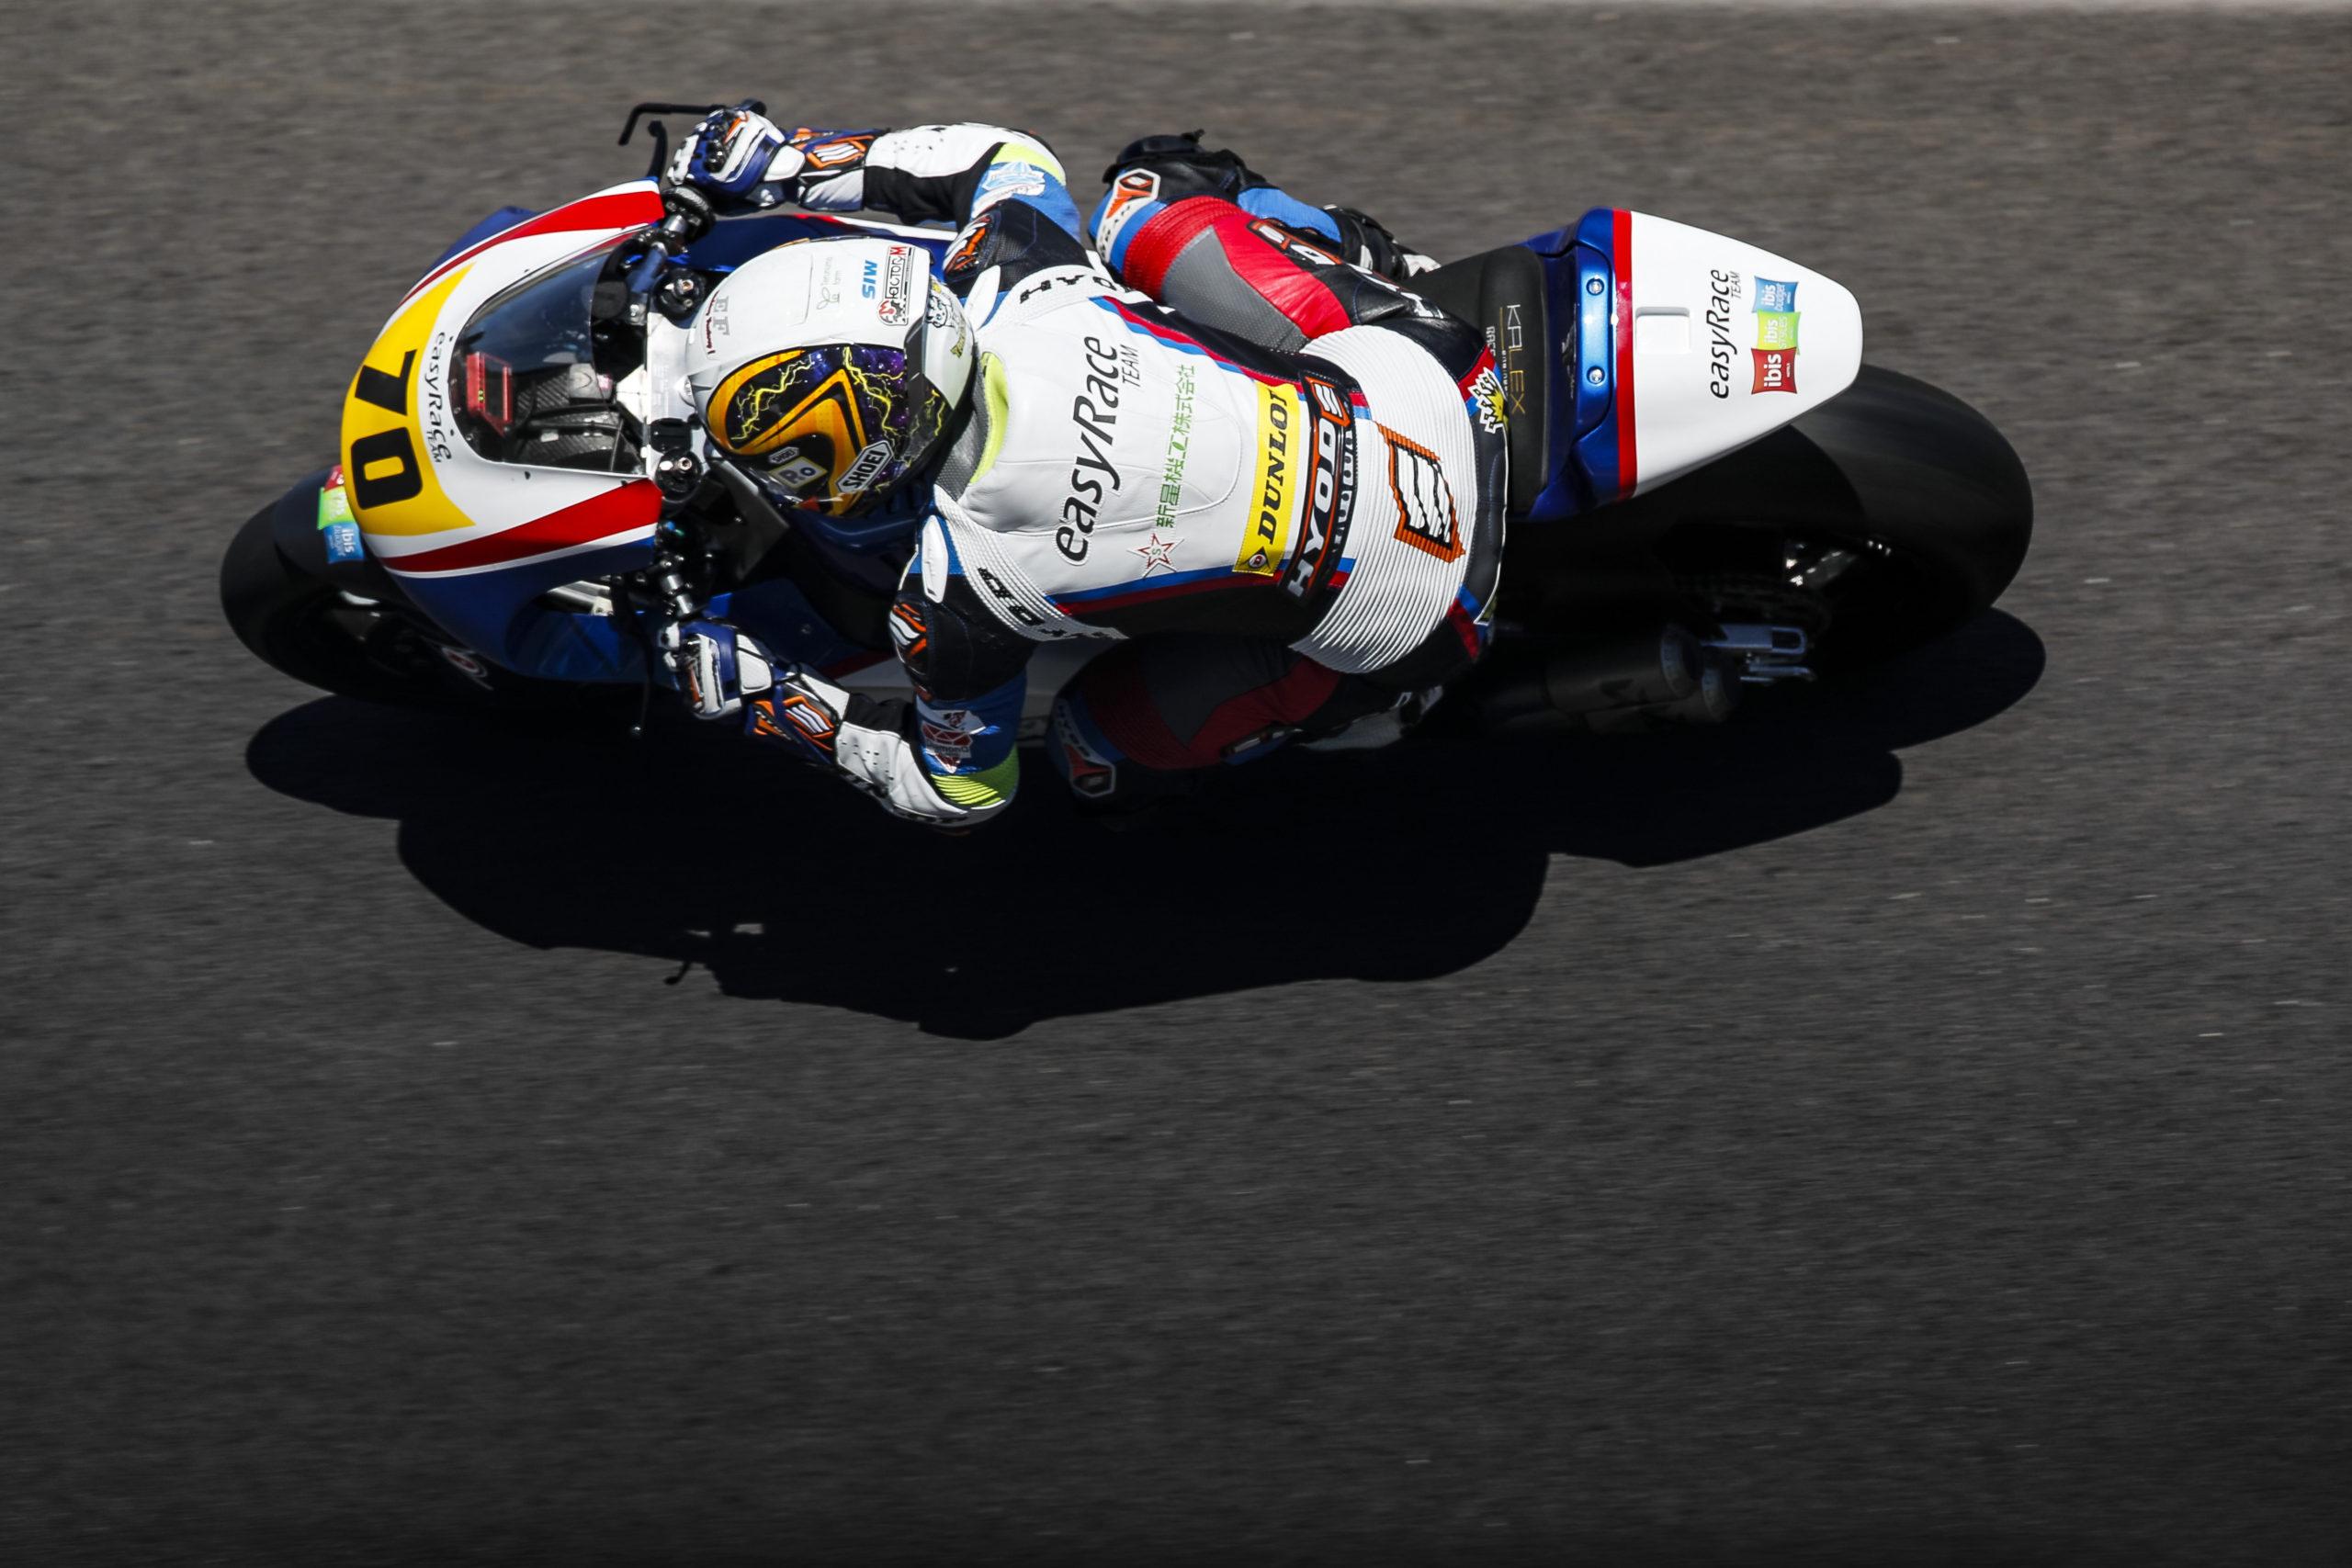 バイクのニュースさんにて、CEVライダー 石塚健のレースレポート「好調と不調が入り混じった波乱の第4戦」が公開されました。